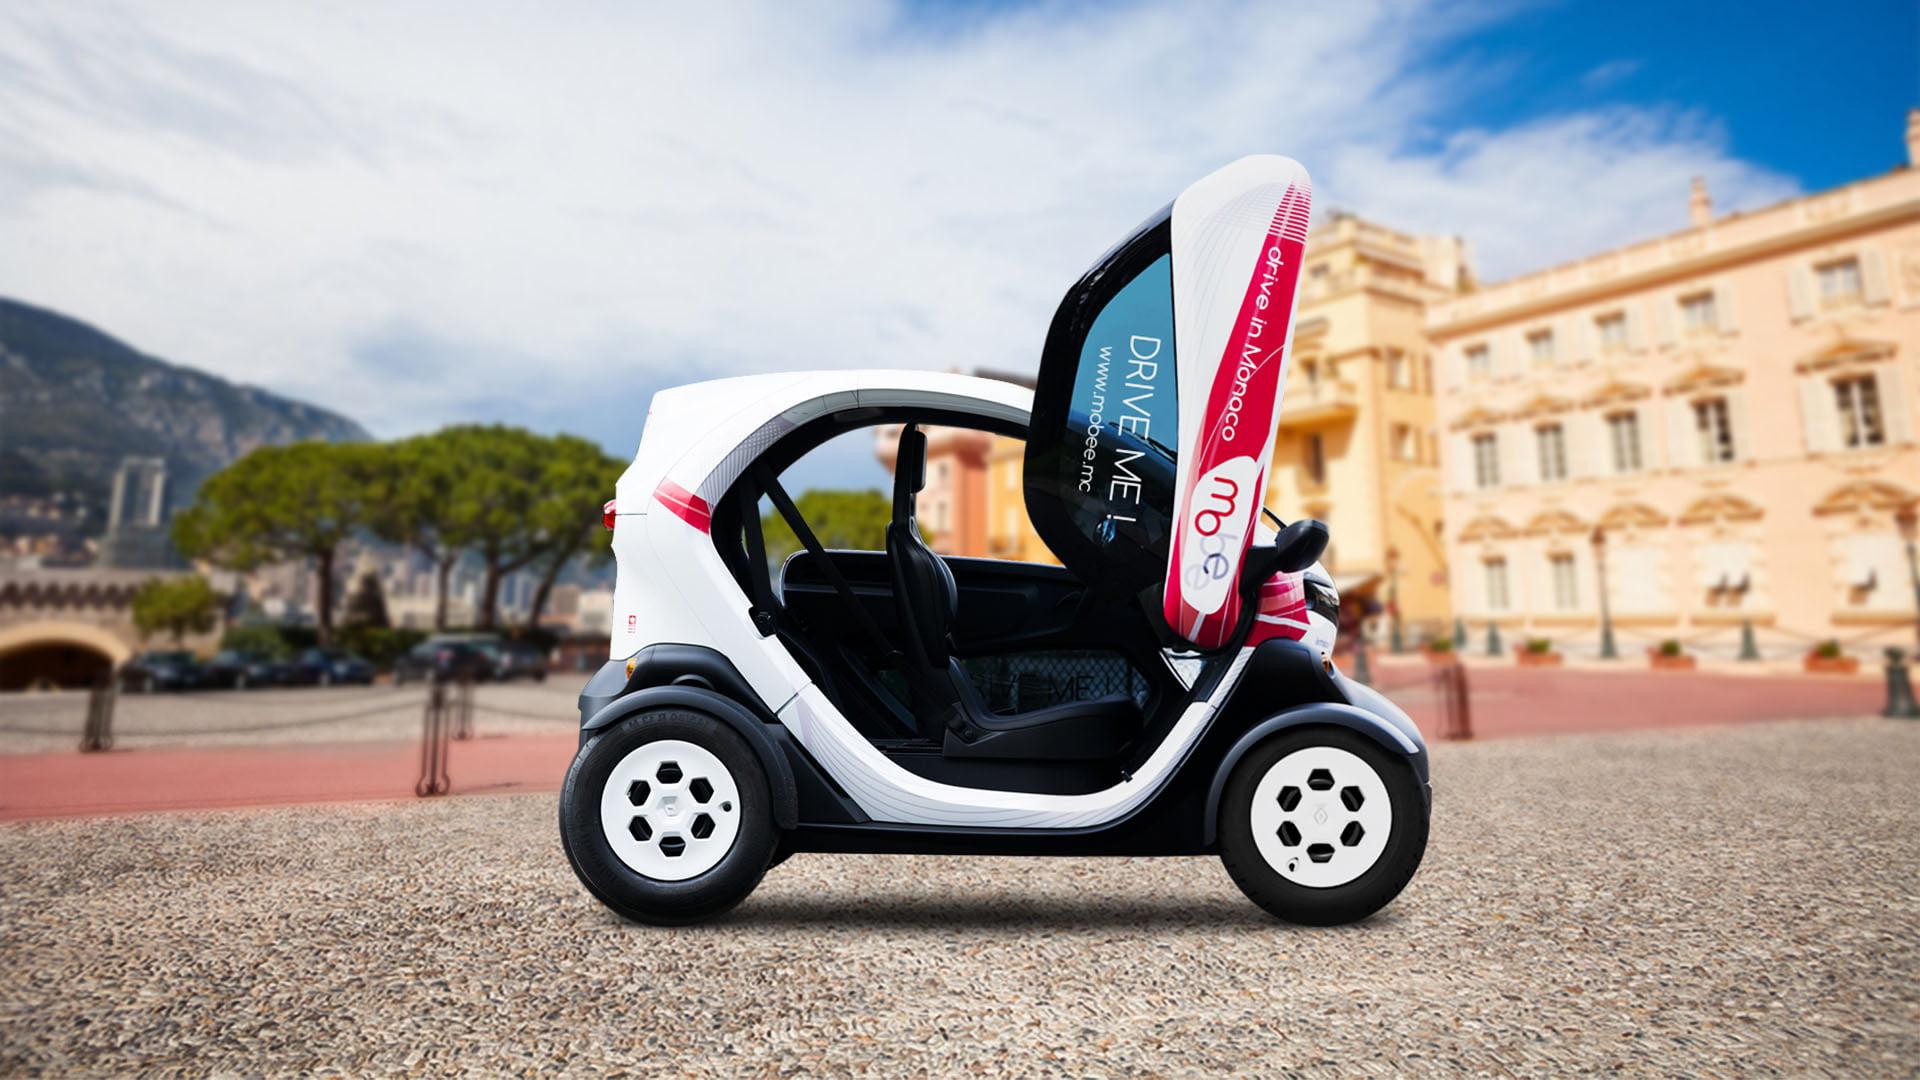 Carro elétrico para aluguel Mobee em Mônaco